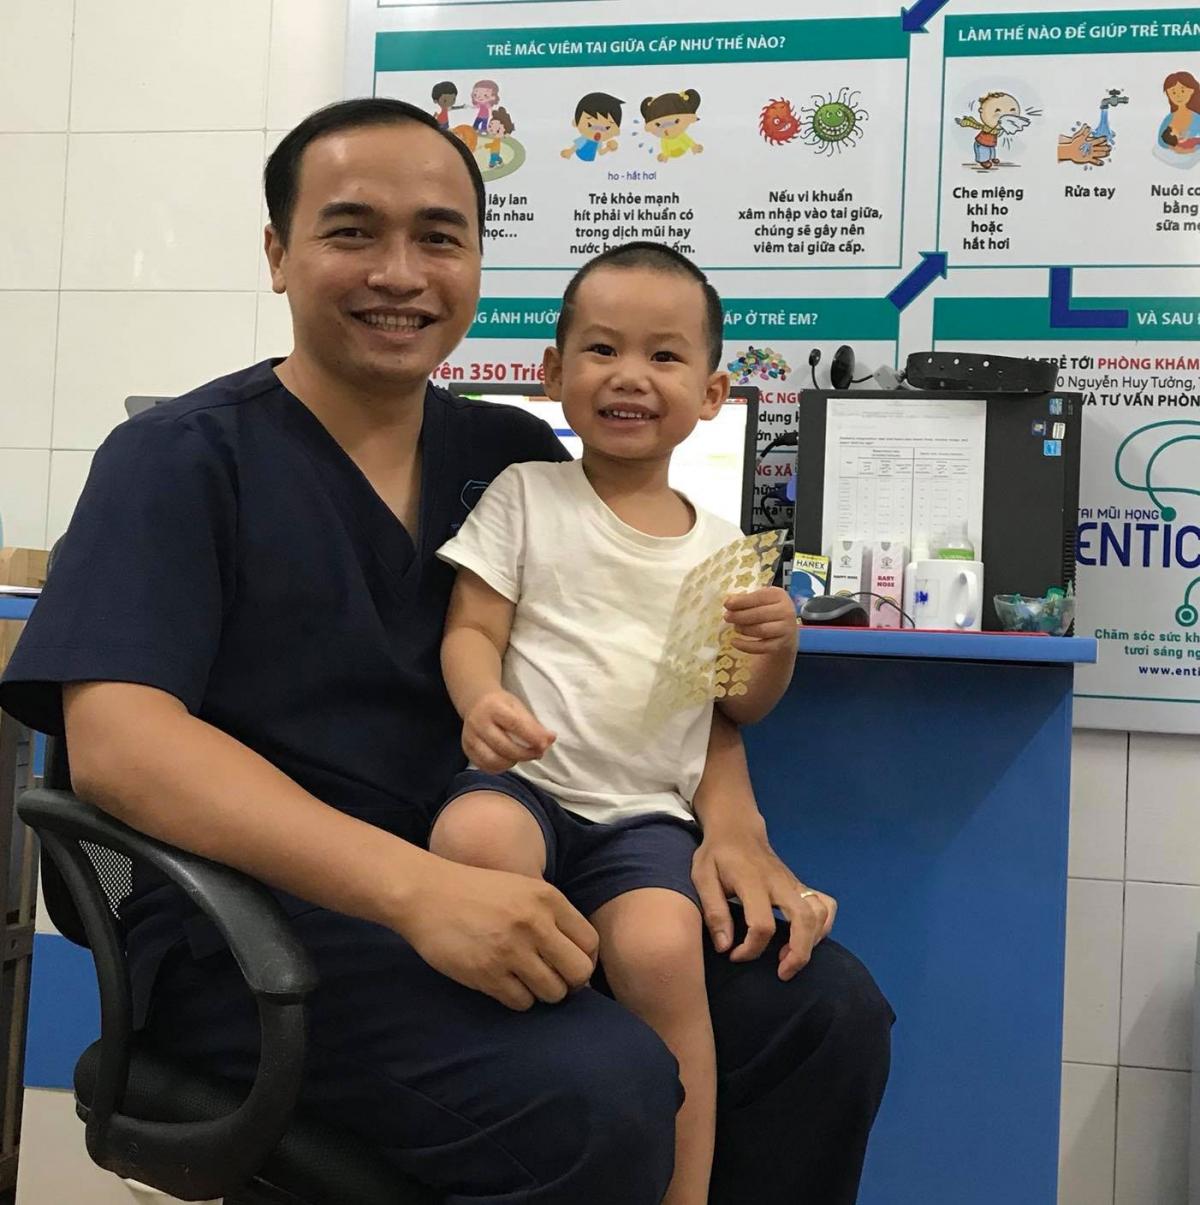 Ở thời điểm không có dịch, khi thăm khám trực tiếp, bác sỹ Đạt luôn tạo không khí thân thiện khiến nhiều em bé không còn cảm giác sợ hãi mỗi khi phải đi khám bệnh